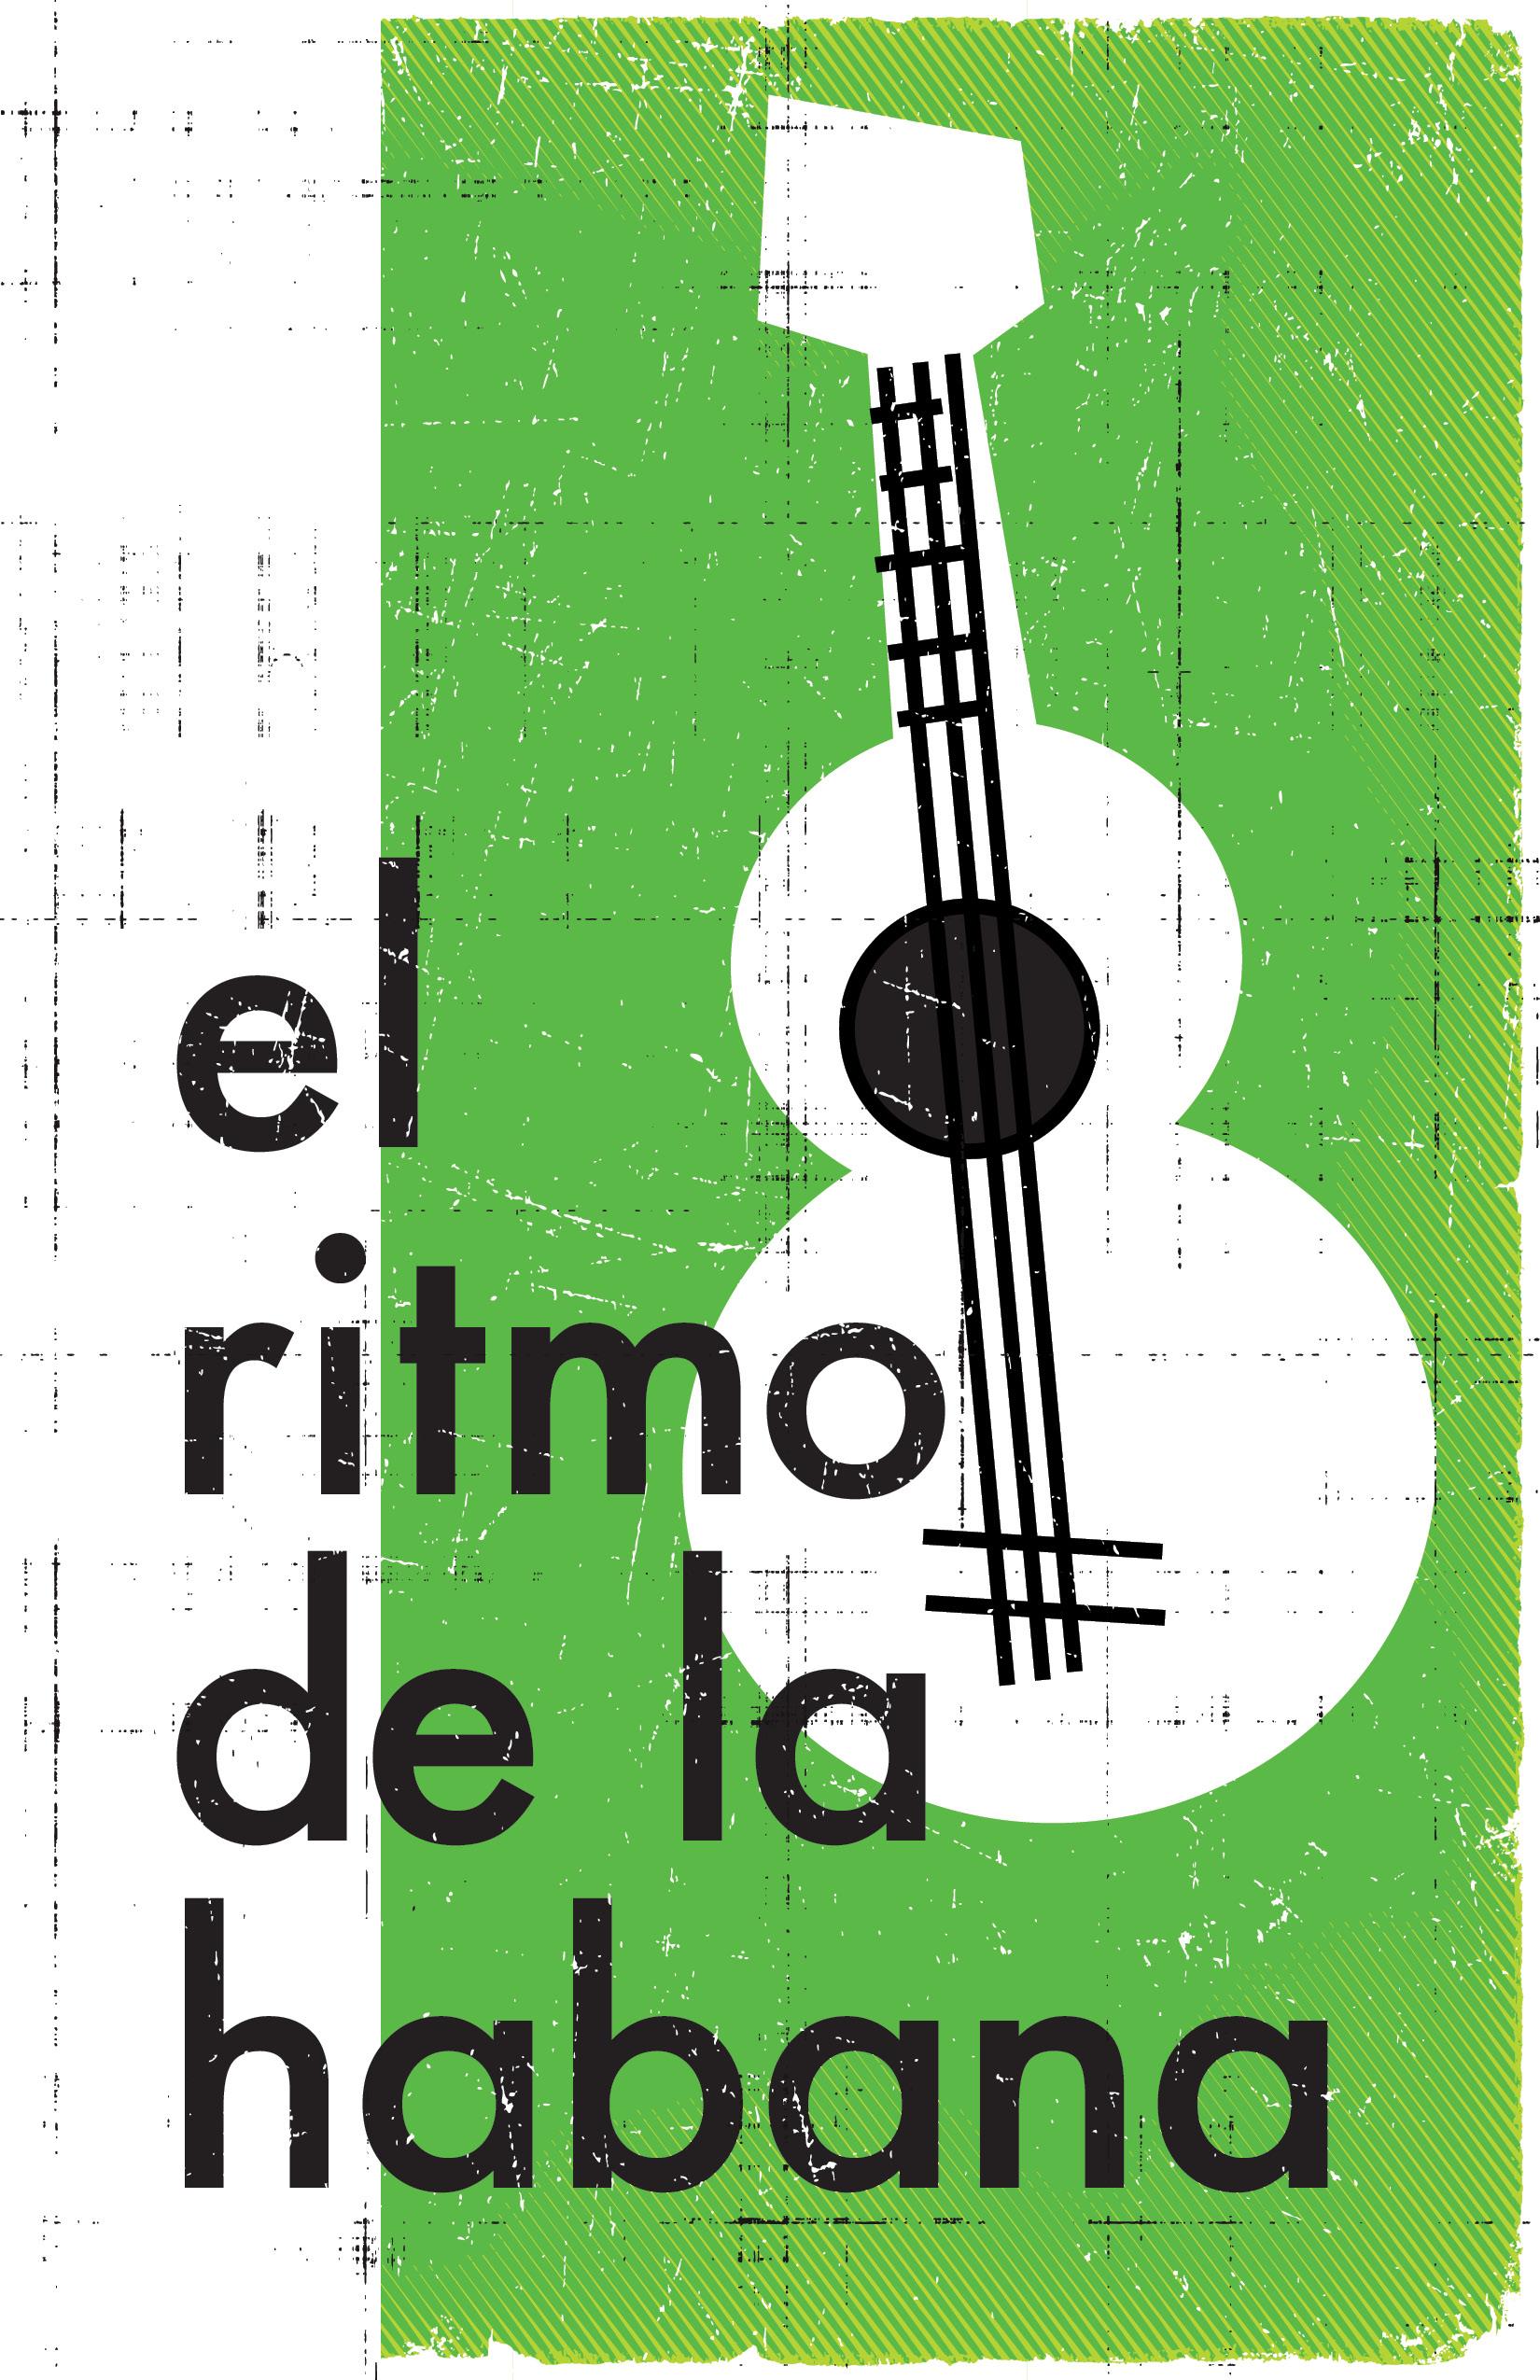 Havana-Wheat-Paste-Posters21.jpg